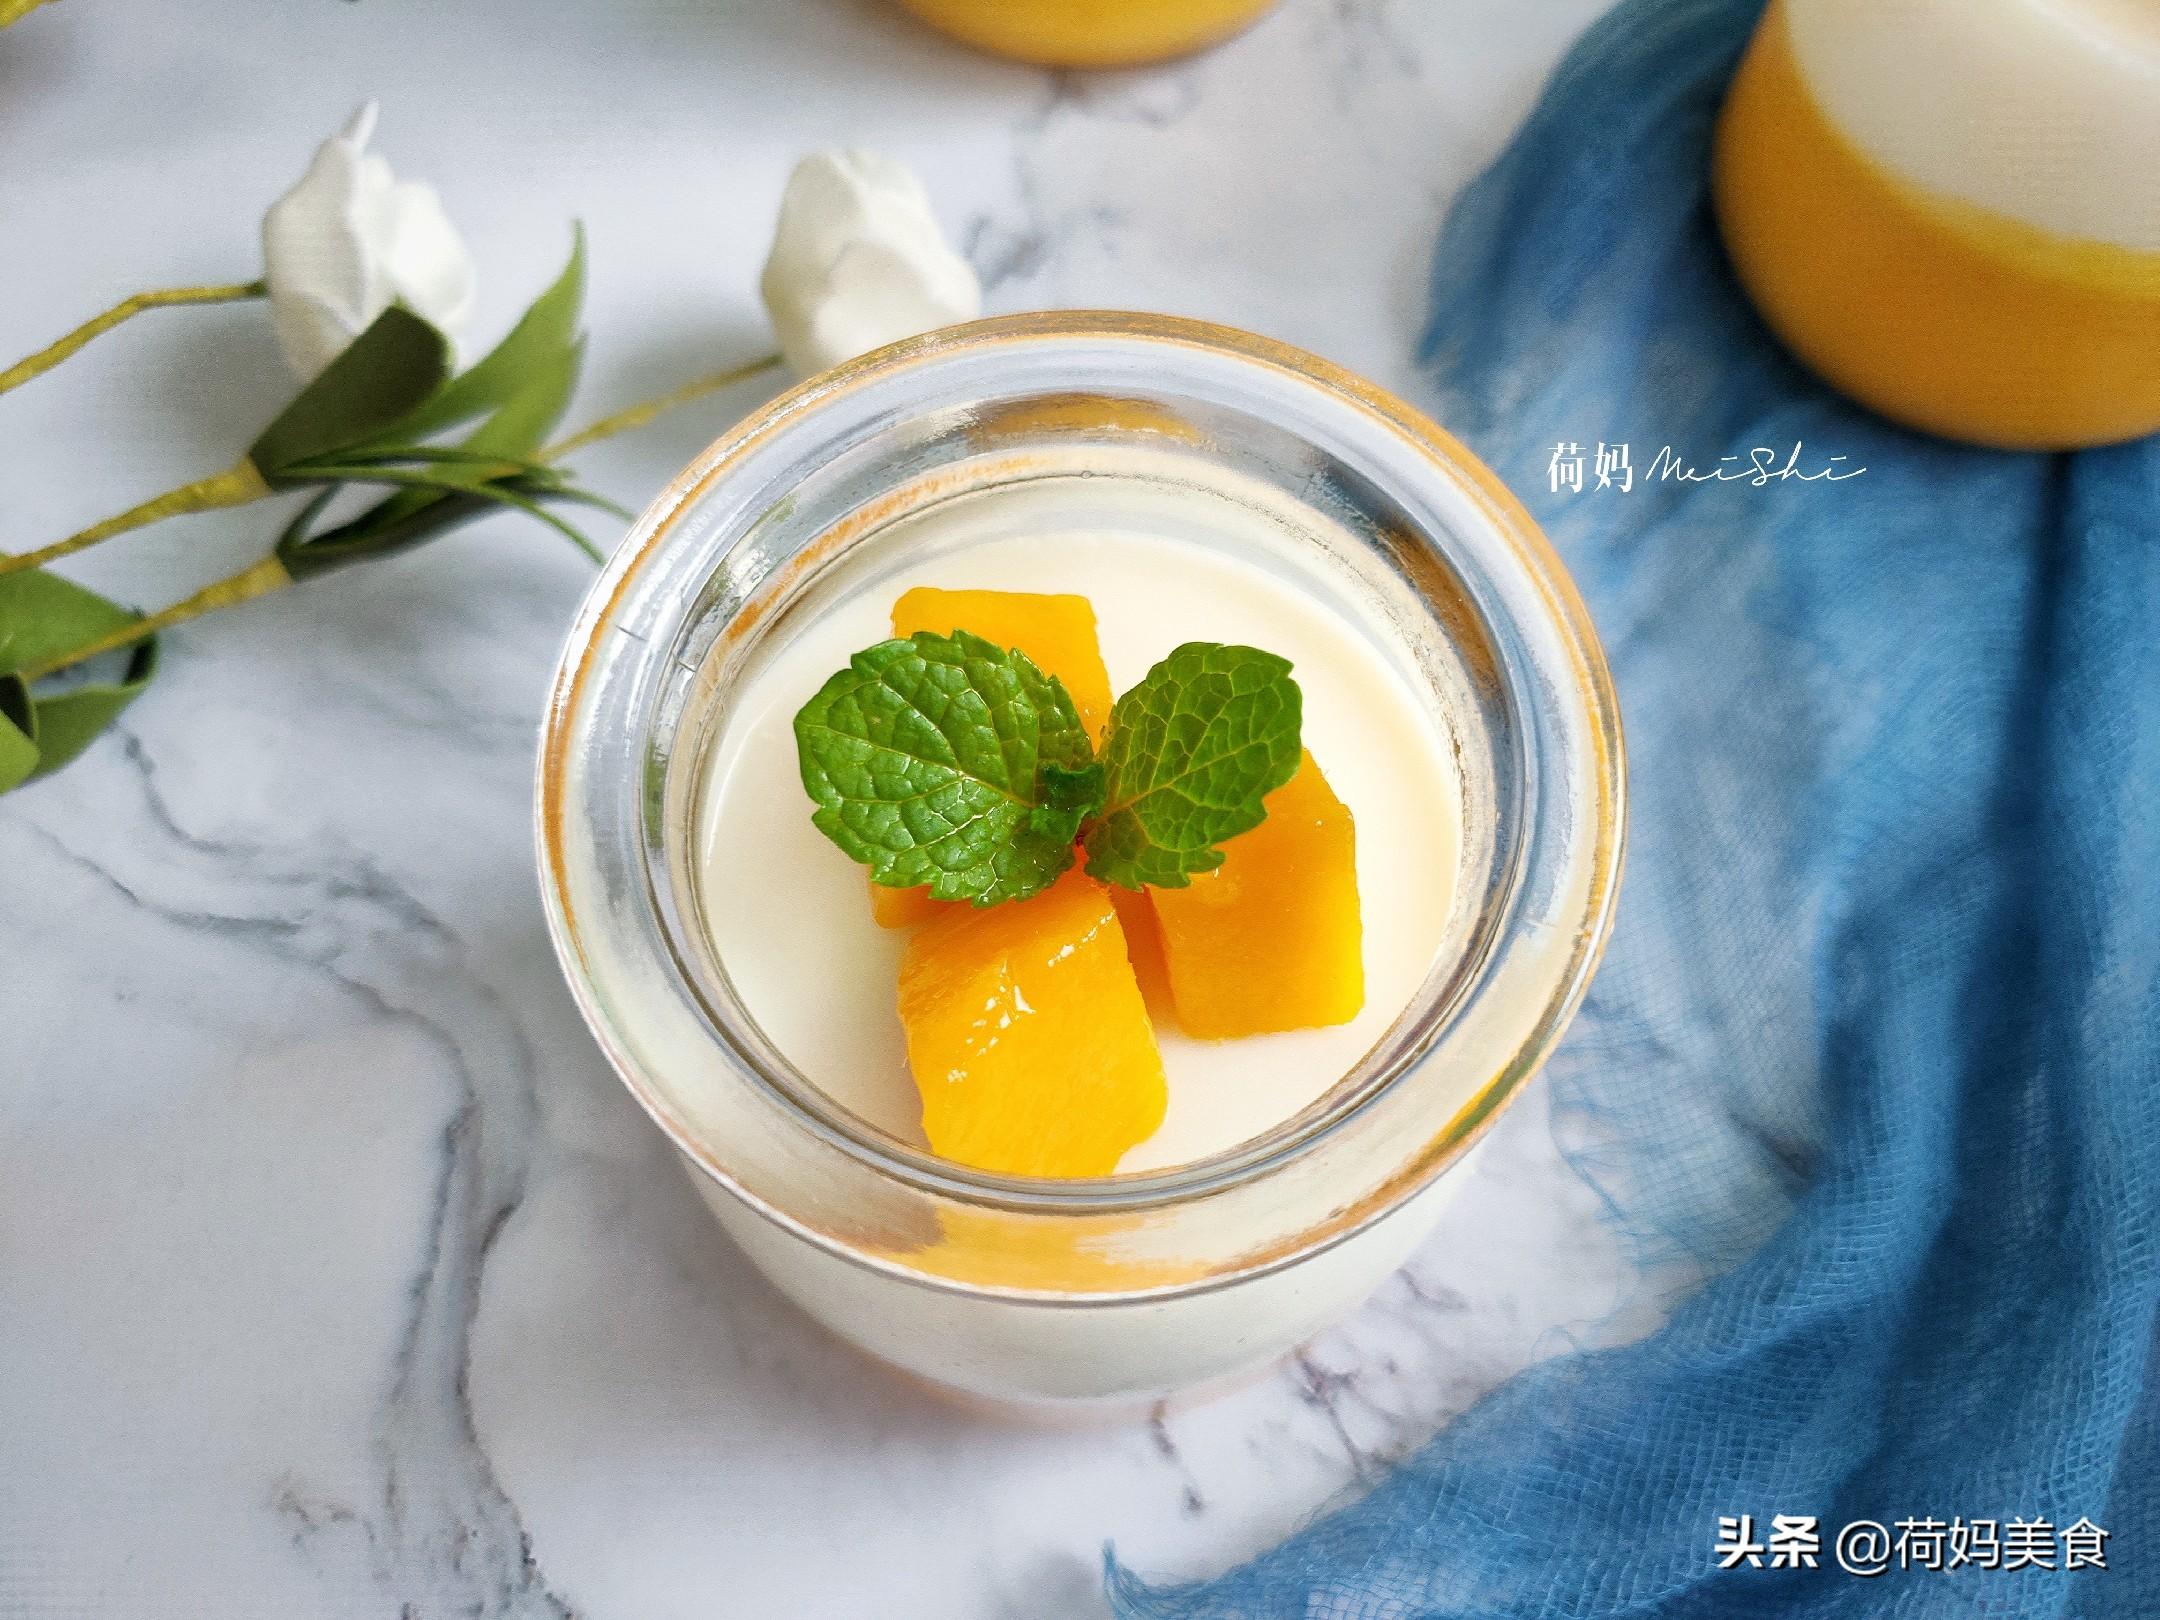 一个芒果,两盒牛奶,就能做出香甜的芒果牛奶布丁,比买的美味